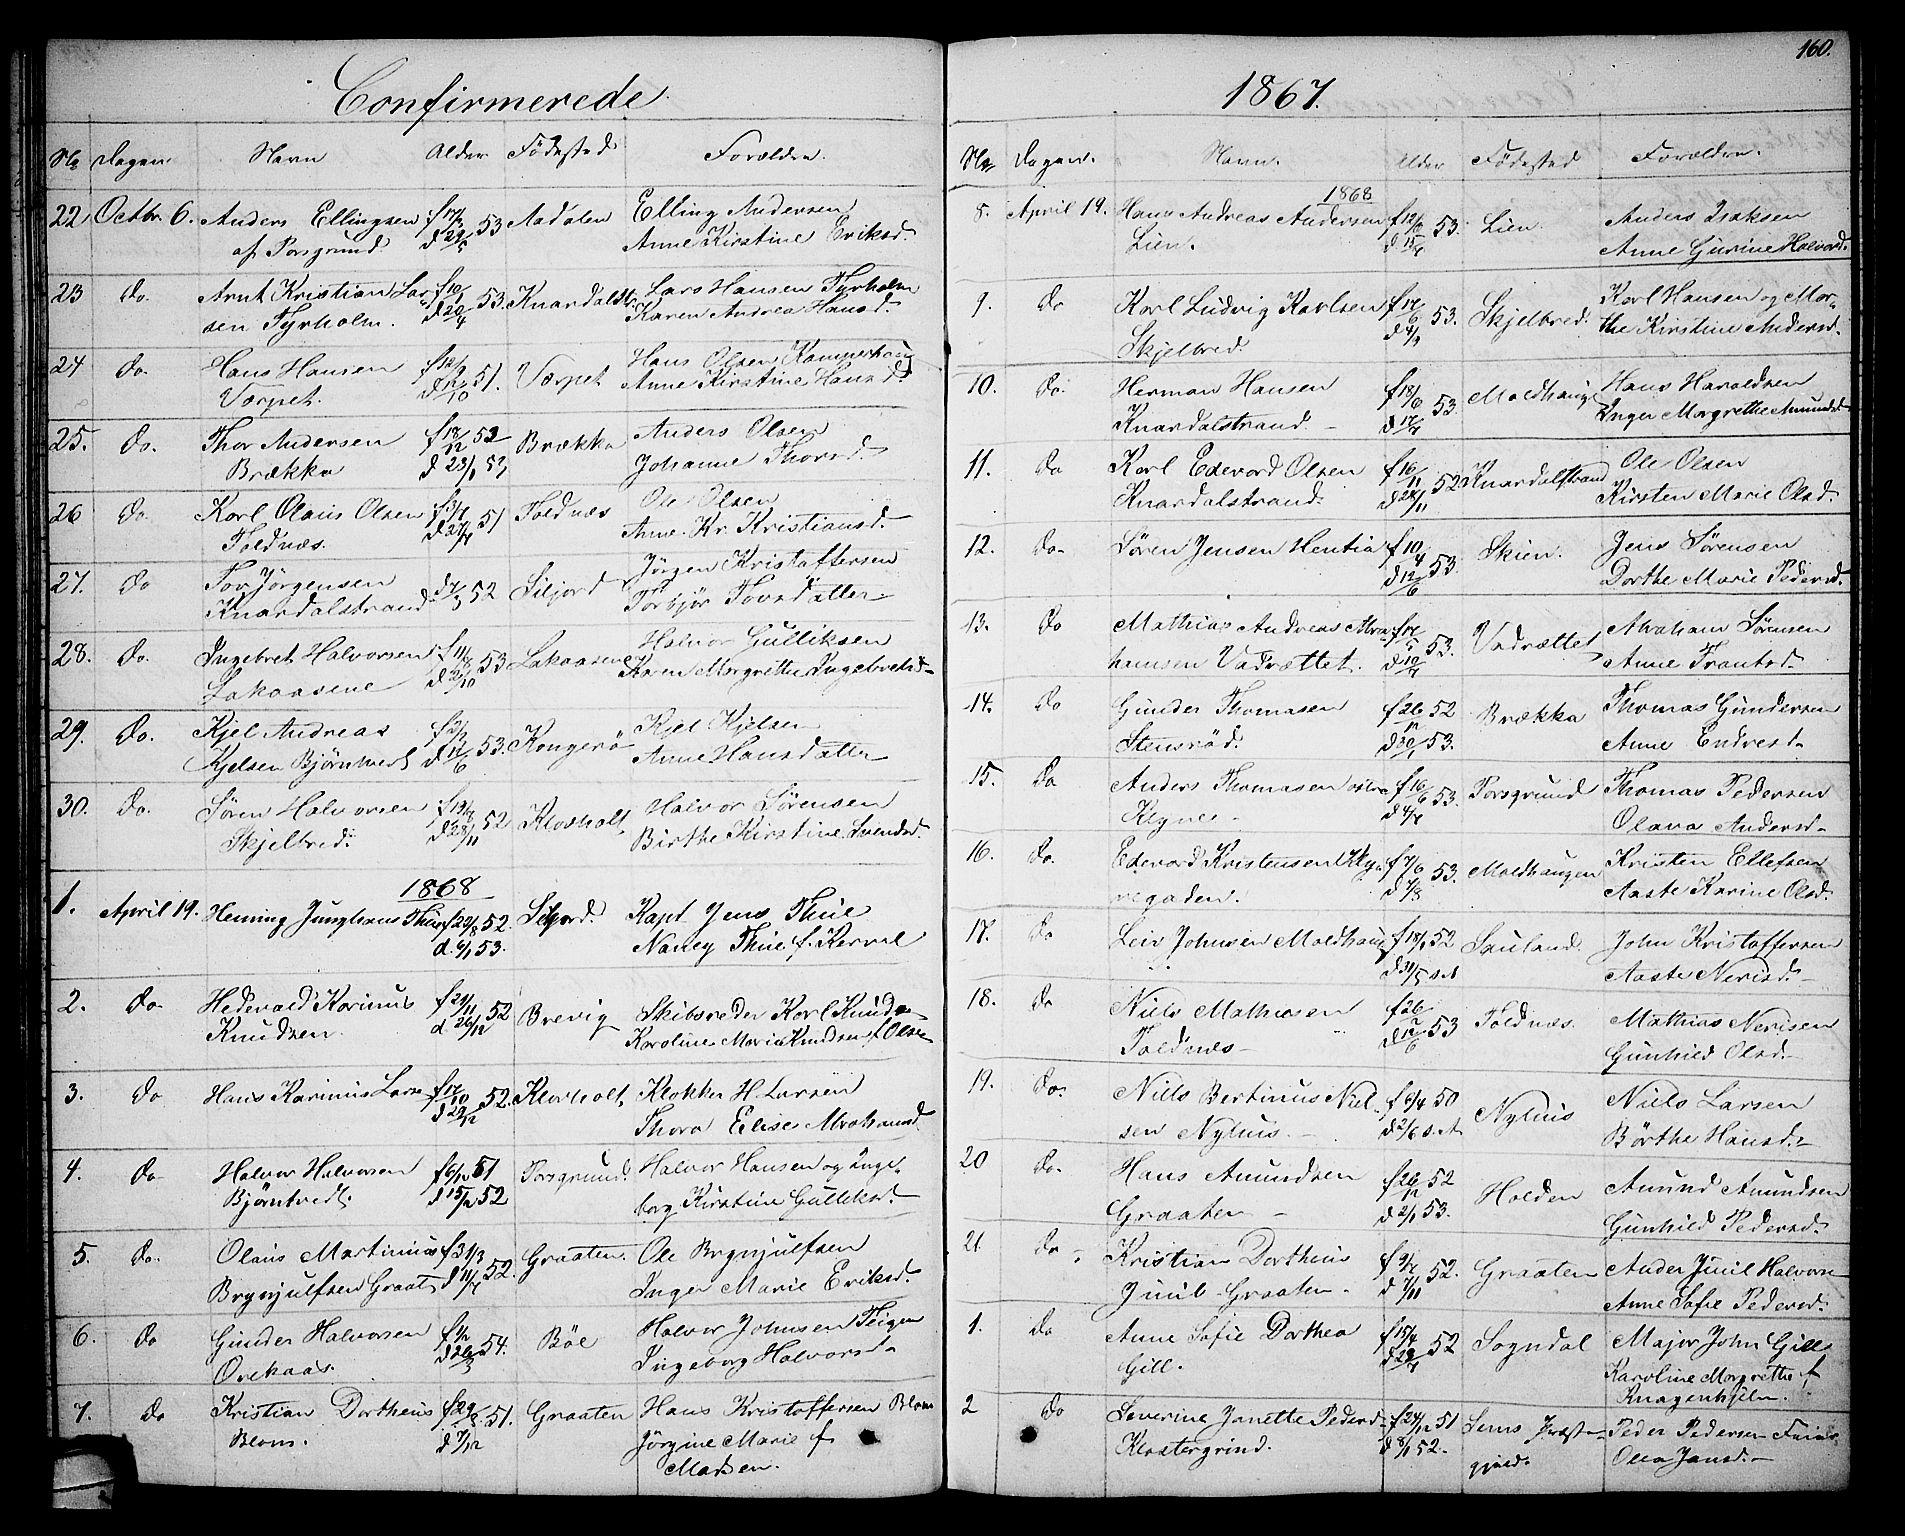 SAKO, Solum kirkebøker, G/Ga/L0004: Klokkerbok nr. I 4, 1859-1876, s. 160